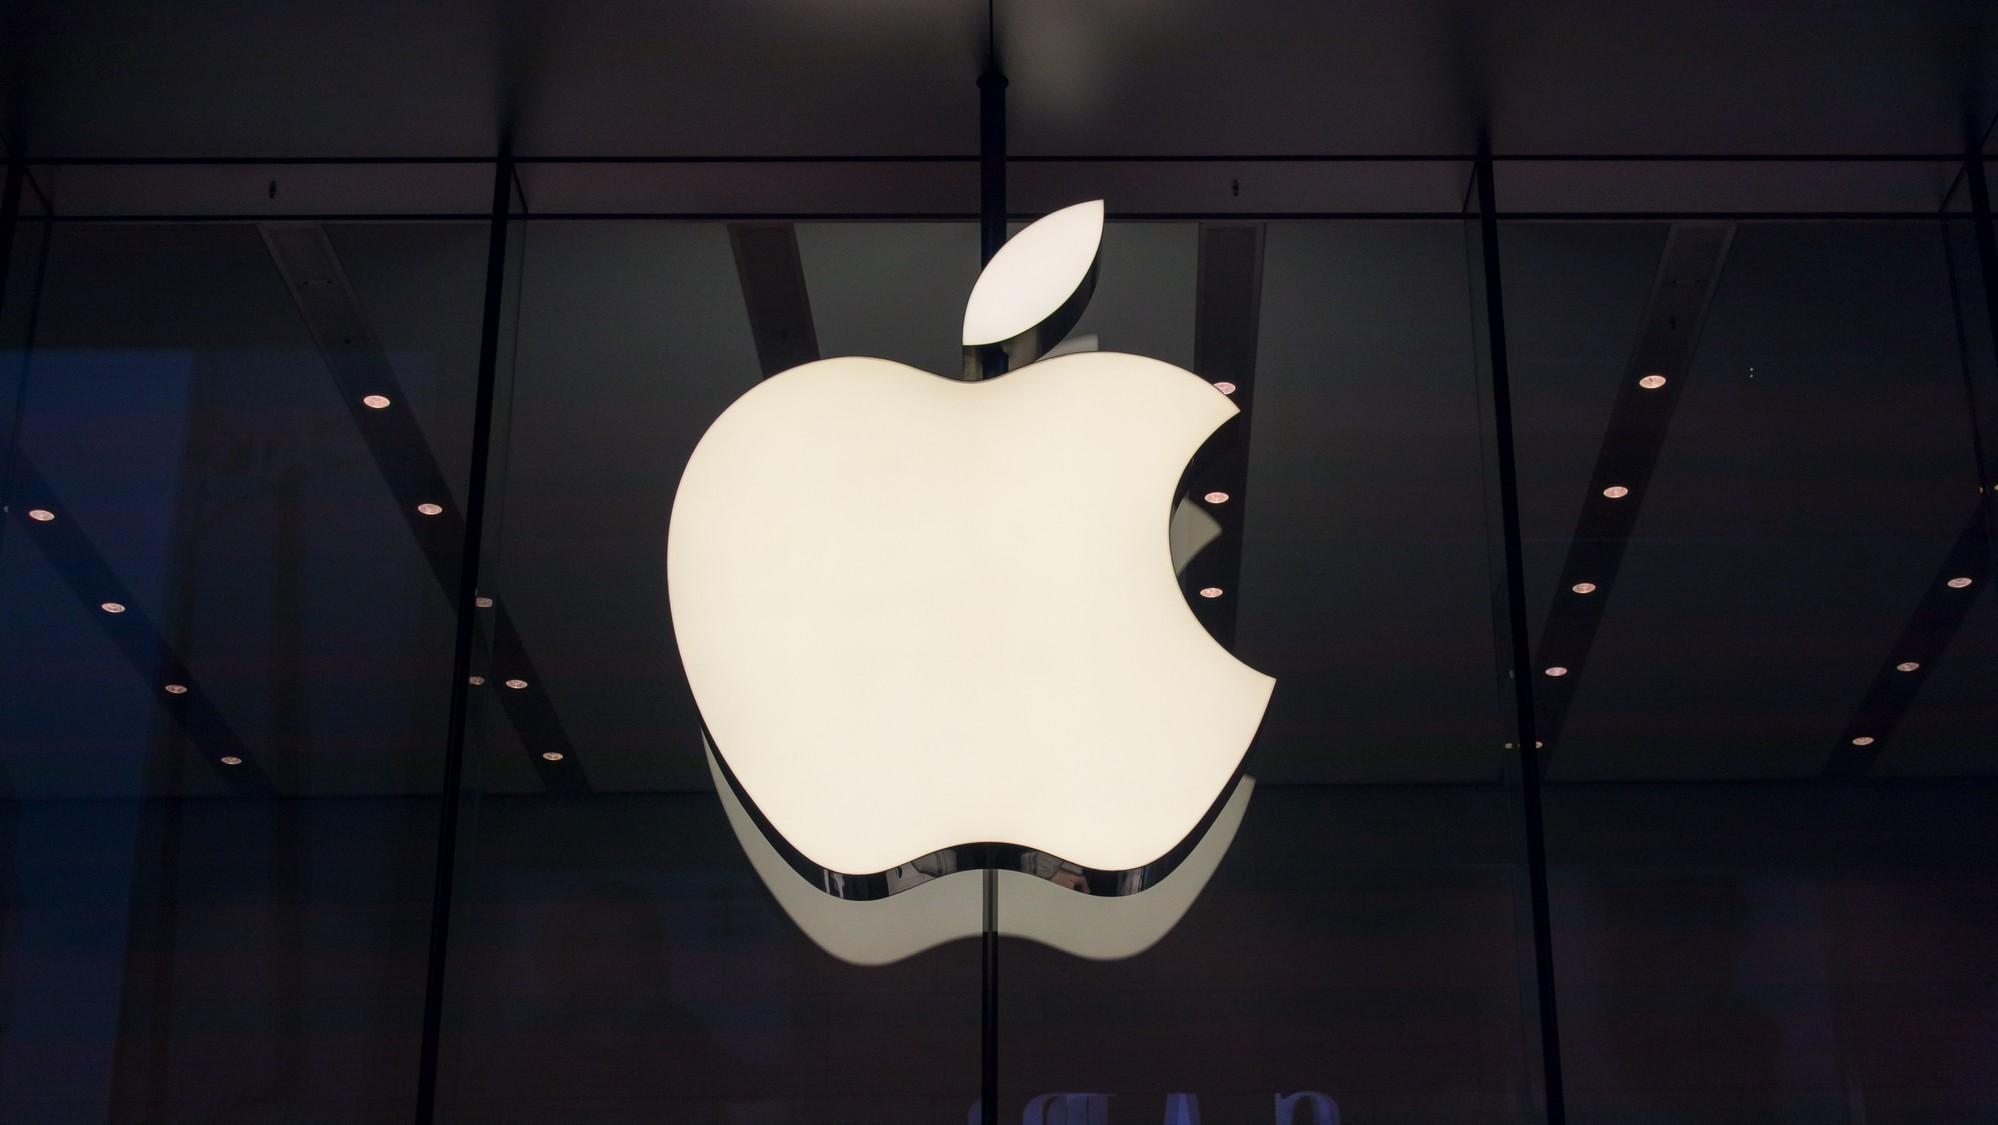 苹果进军医疗保健行业的野心、行动与未来